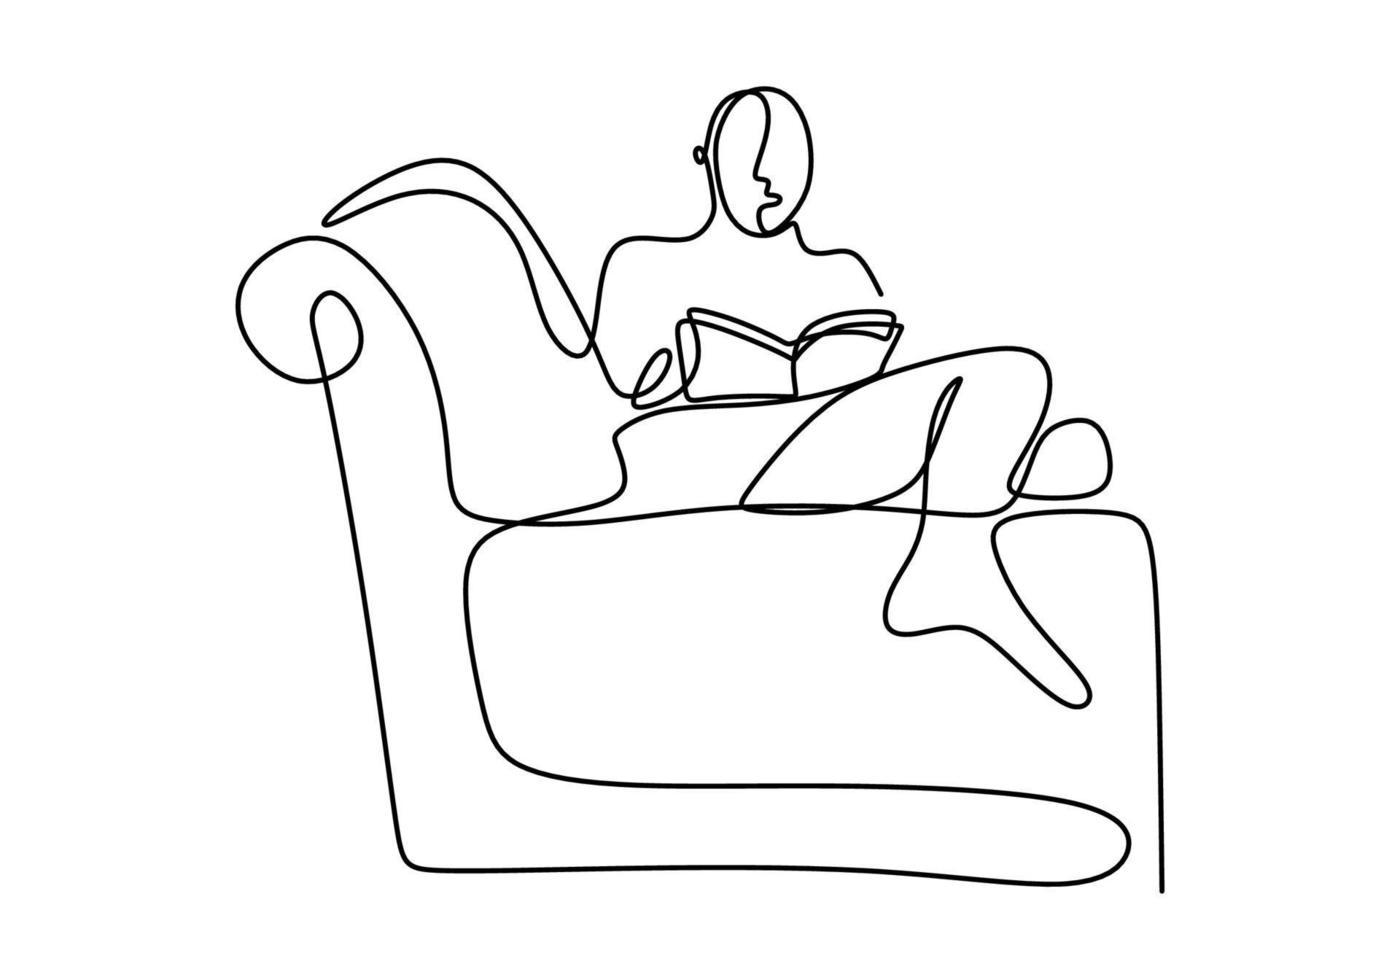 um desenho de linha contínua de homem jovem adolescente feliz descansar deitado no sofá-sofá enquanto lê o livro. aproveitando o tempo conceito desenho de sinal de linha única vetor